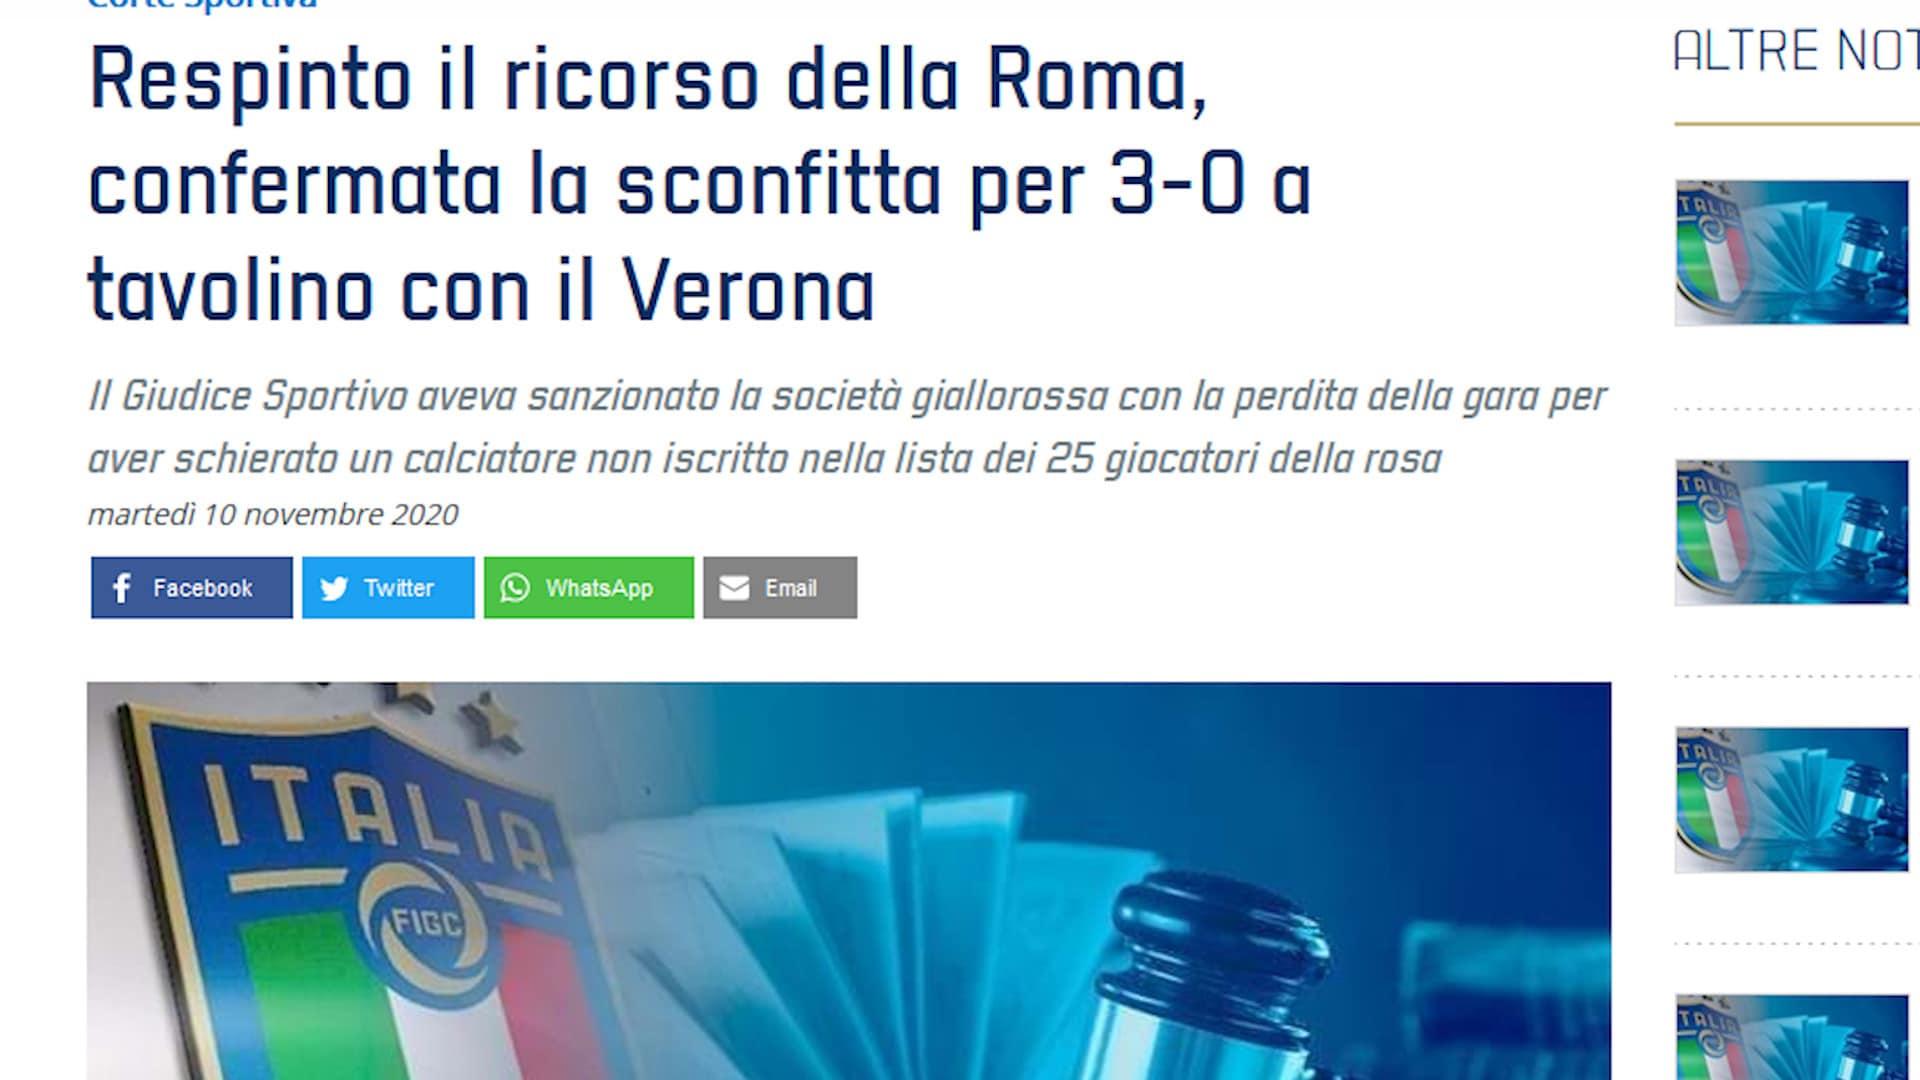 Roma, caso Diawara: respinto il ricorso, rimane 3-0 con Verona